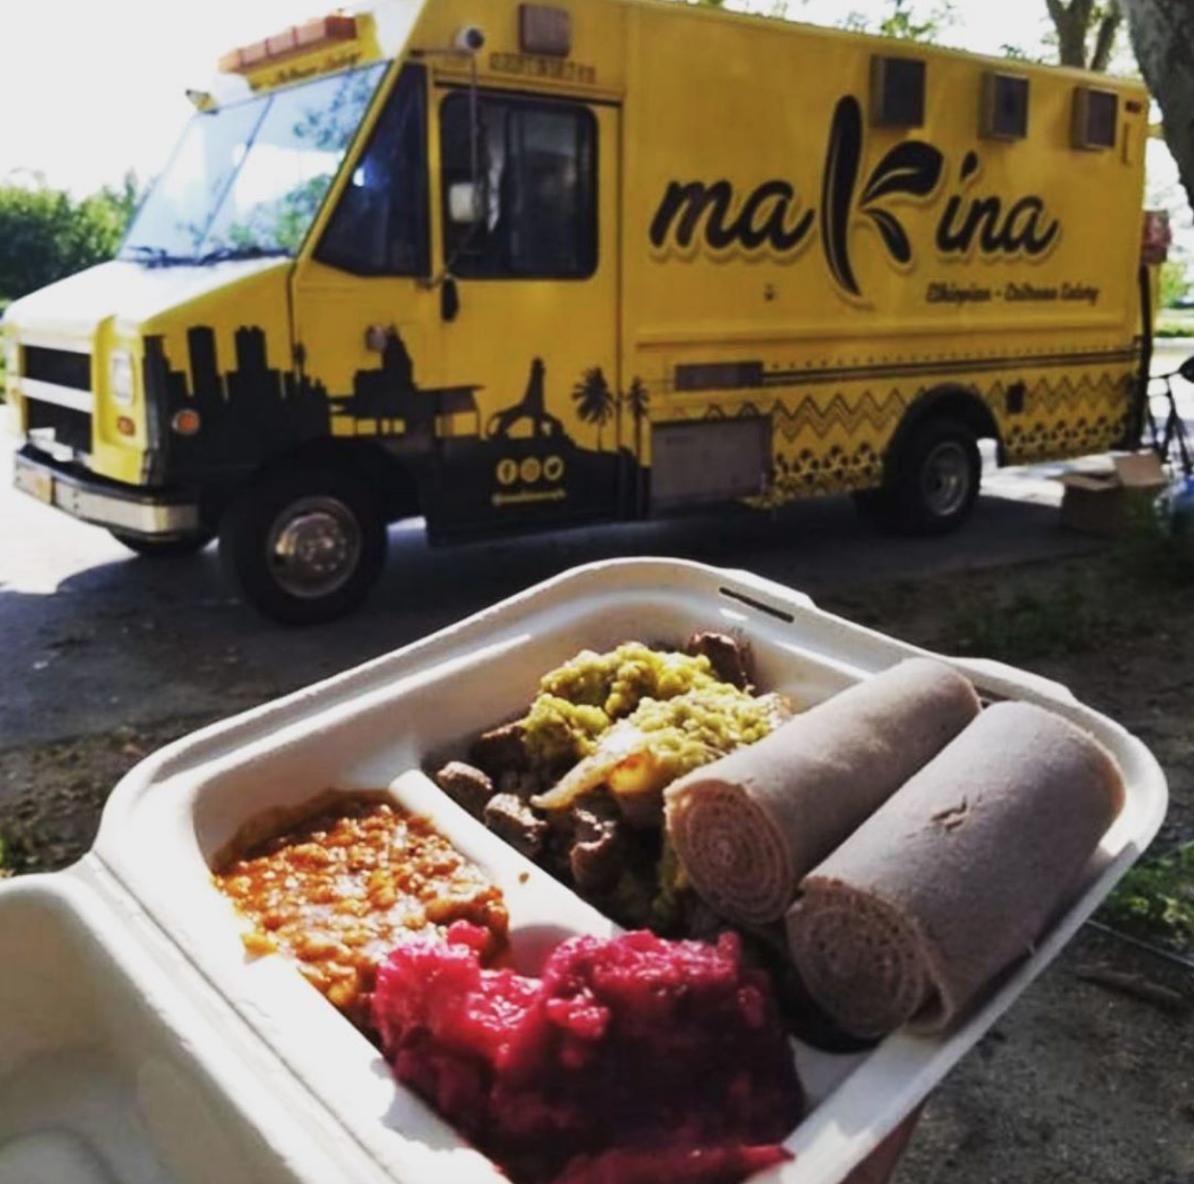 makina cafe food truck eritrean cuisine